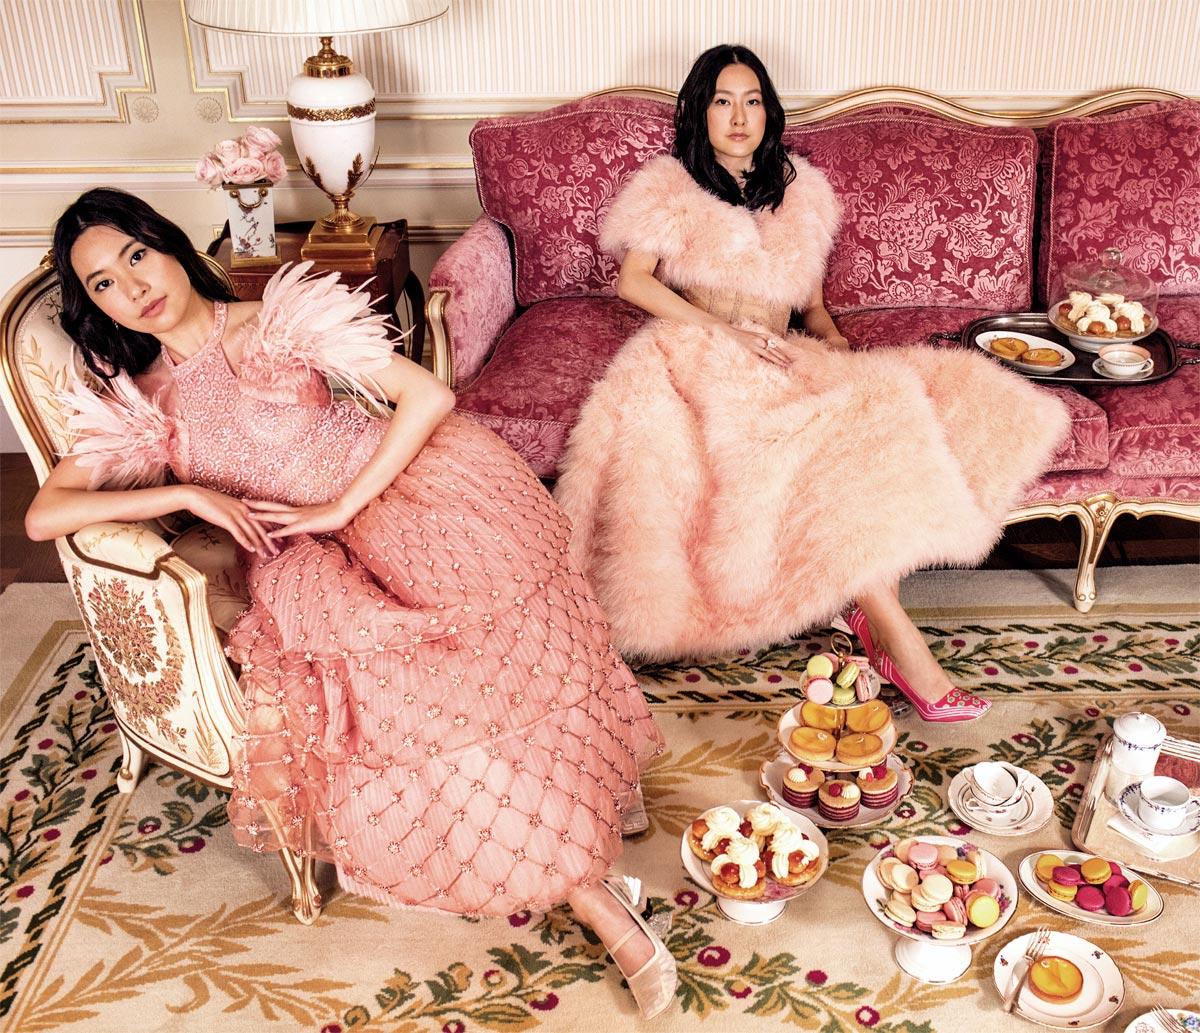 Khi tại vị tại Fendi, Karl Lagerfeld giúp nhà mốt đi đầu trong thời trang lông thú. Trong hình: Các đại tiểu thư châu Á mặc Fendi Couture.